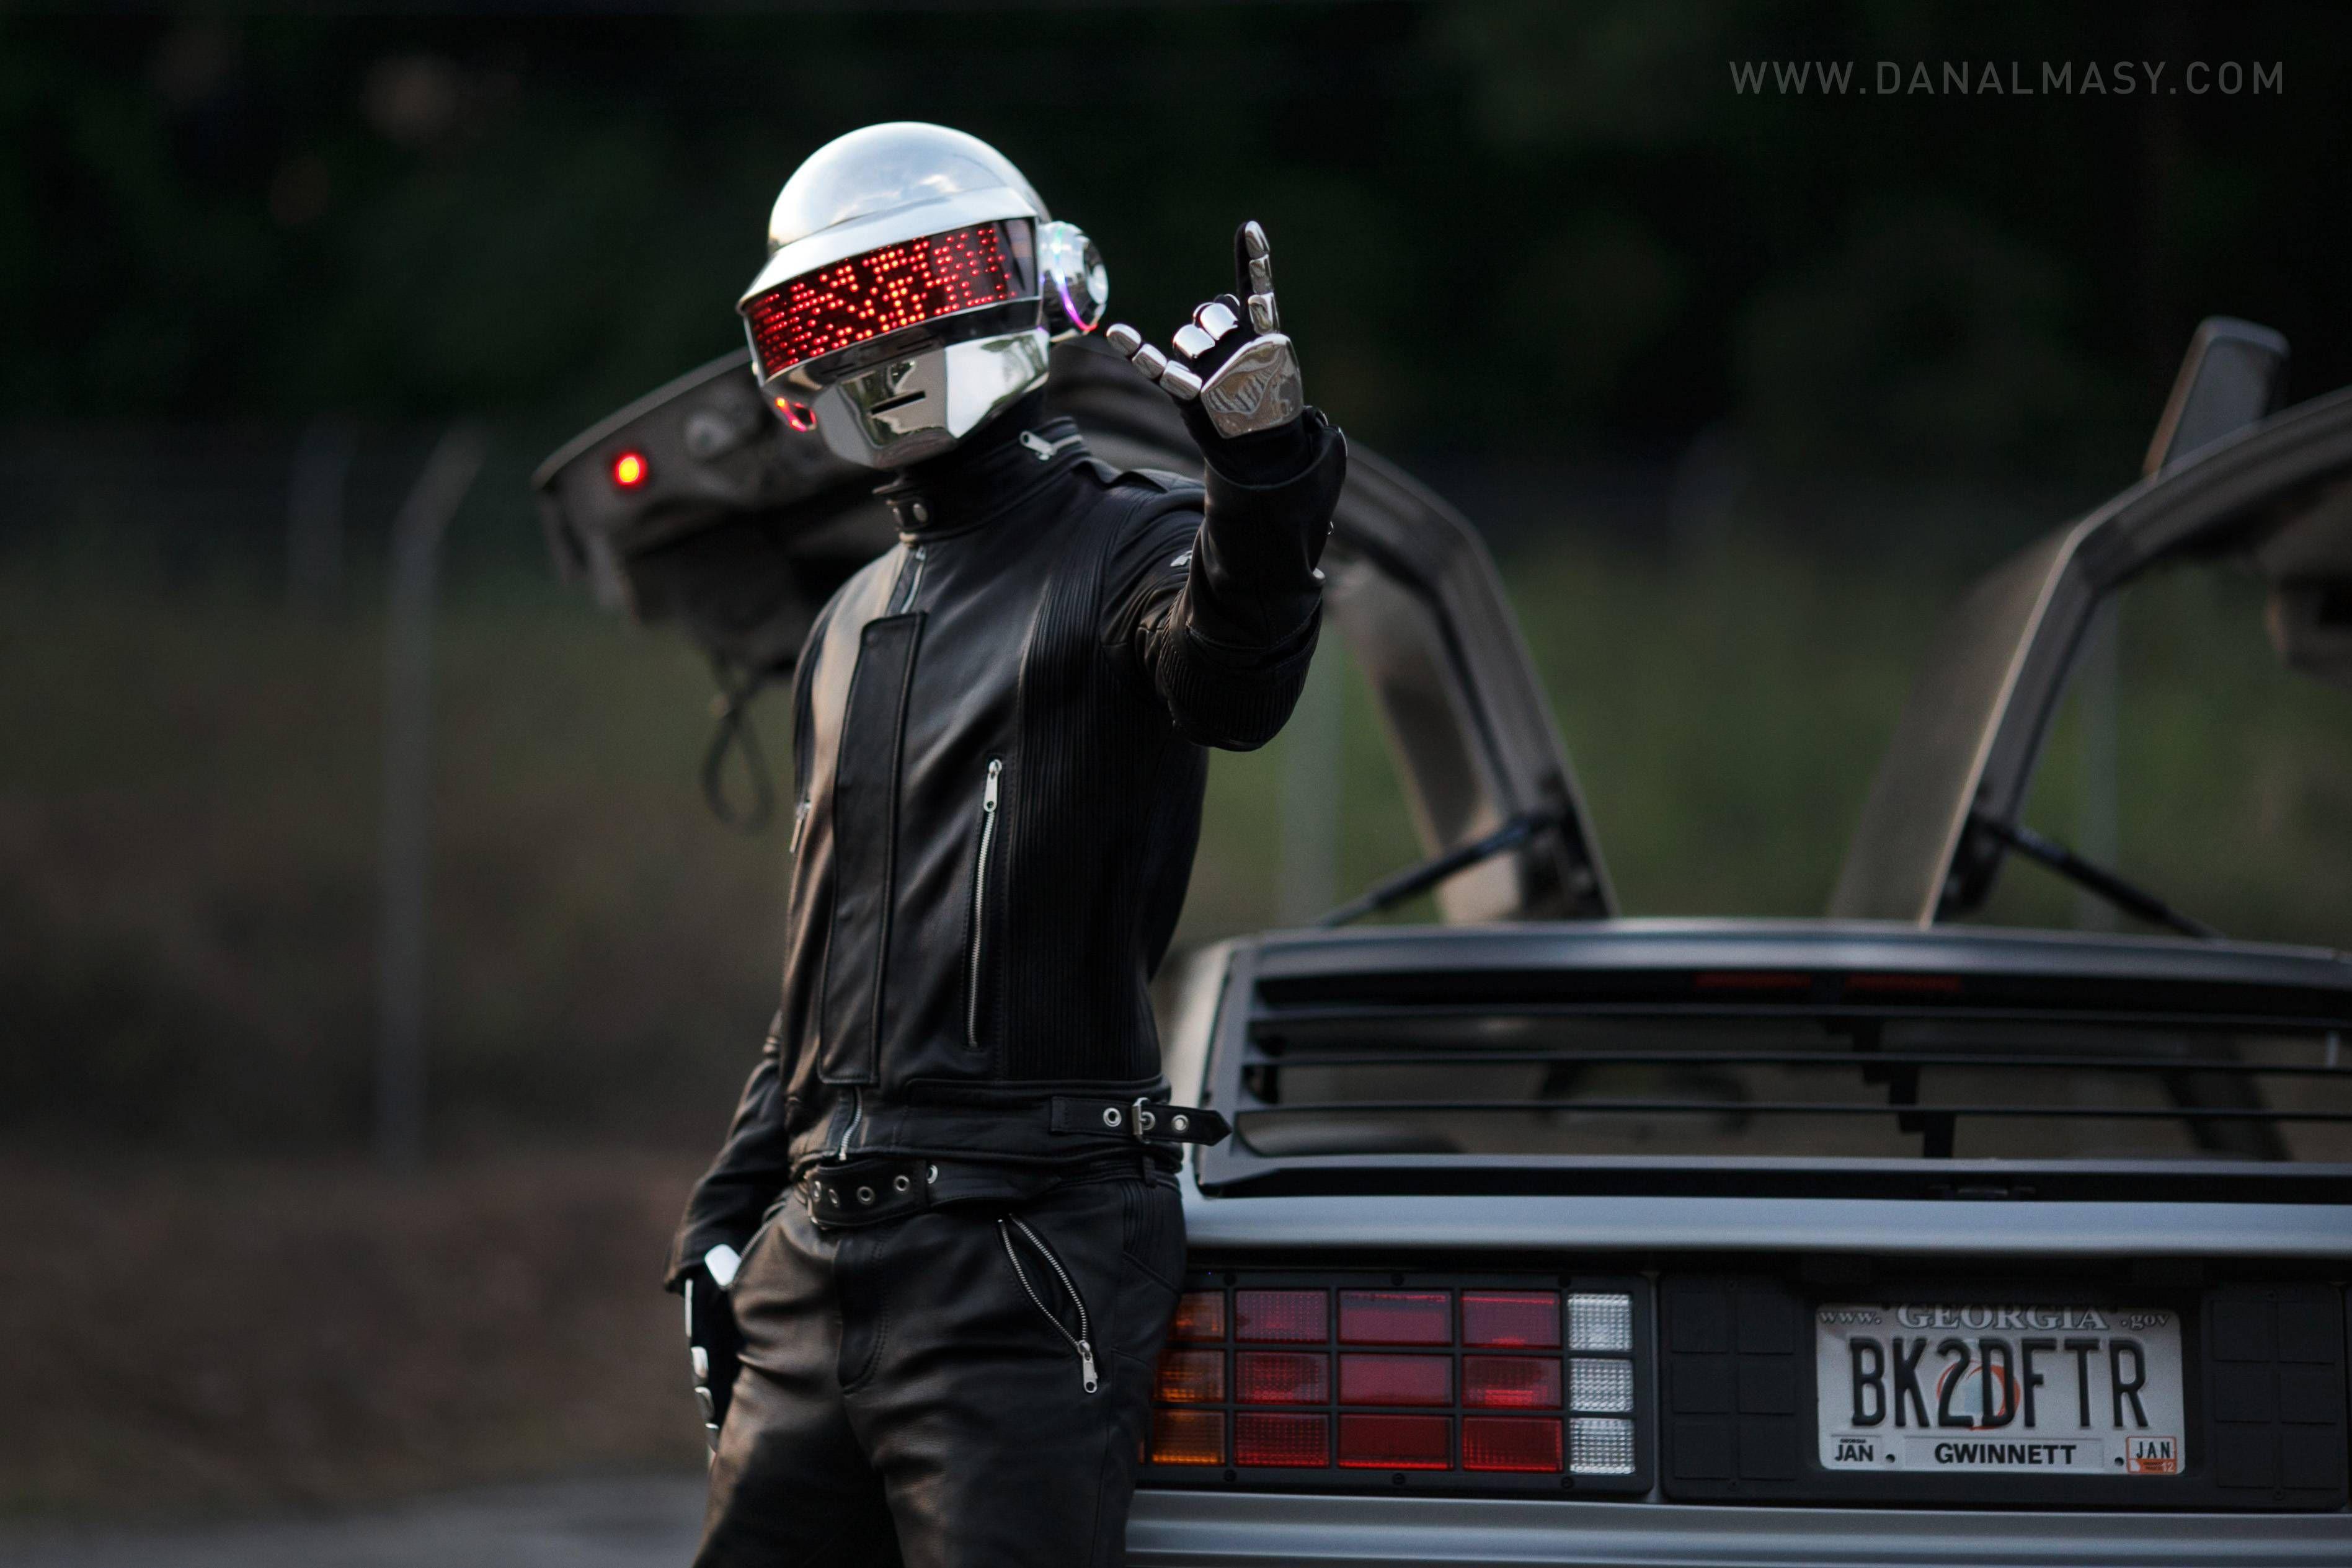 Pin By Amanda On She Dreams In Digital Daft Punk Helmet Daft Punk Daft Punk Faces